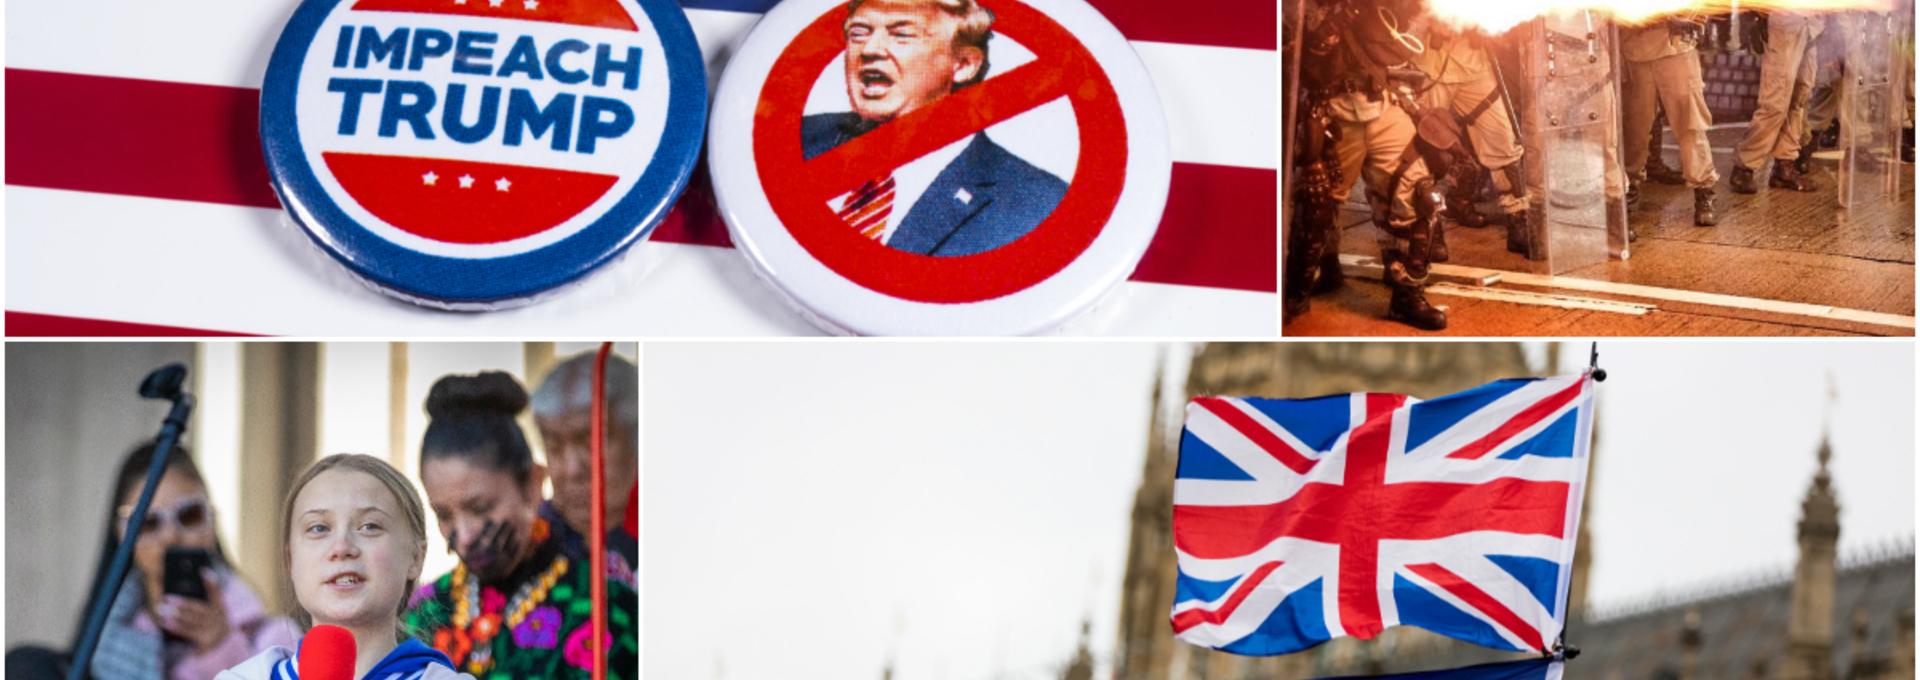 Czym będzie żył świat w 2020 roku? Wybory w USA, brexit, katastrofa klimatyczna